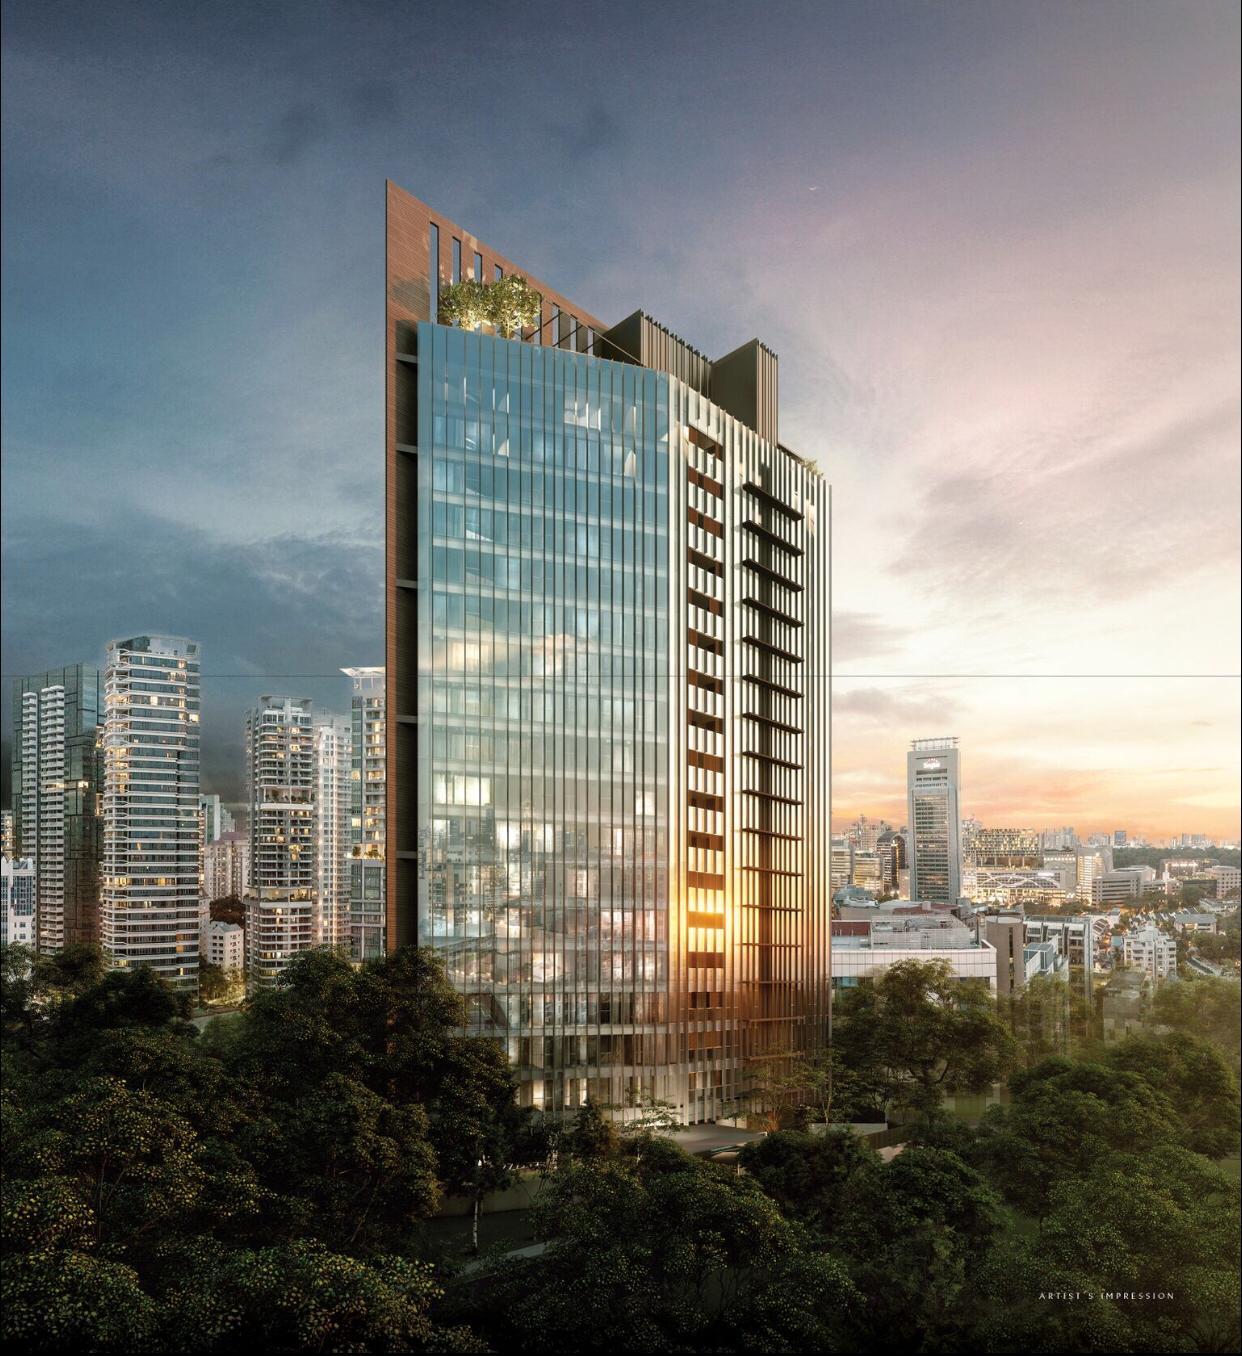 The Iveria Singapore